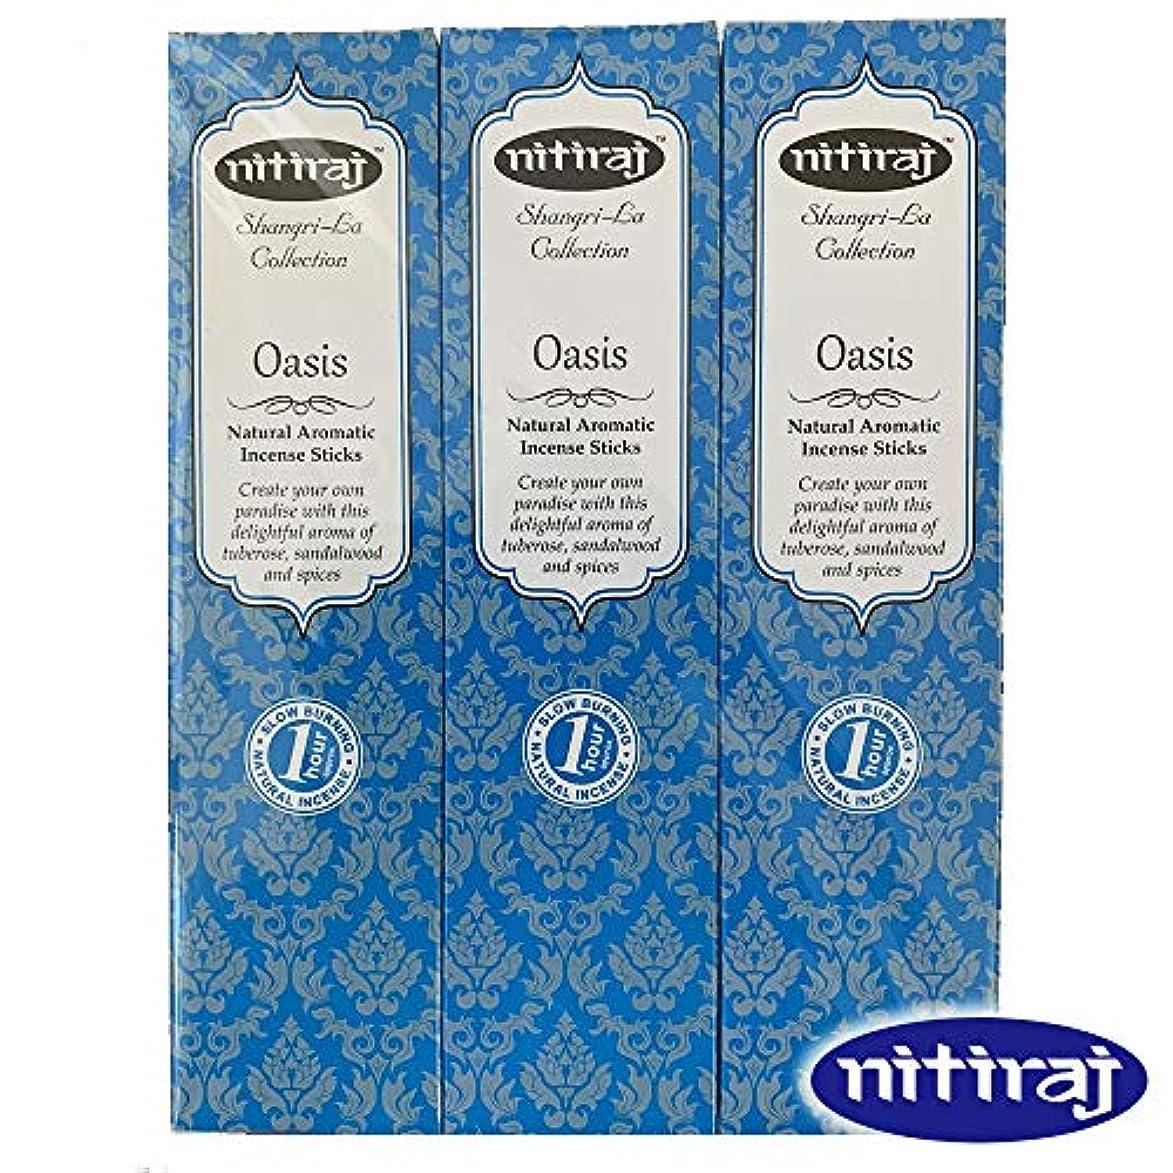 絶妙残り経験者お香 アロマインセンス Nitiraj(ニティラジ)Oasis(オアシス) 3箱セット(1箱10本入り) スティック型 100%天然素材 正規輸入代理店